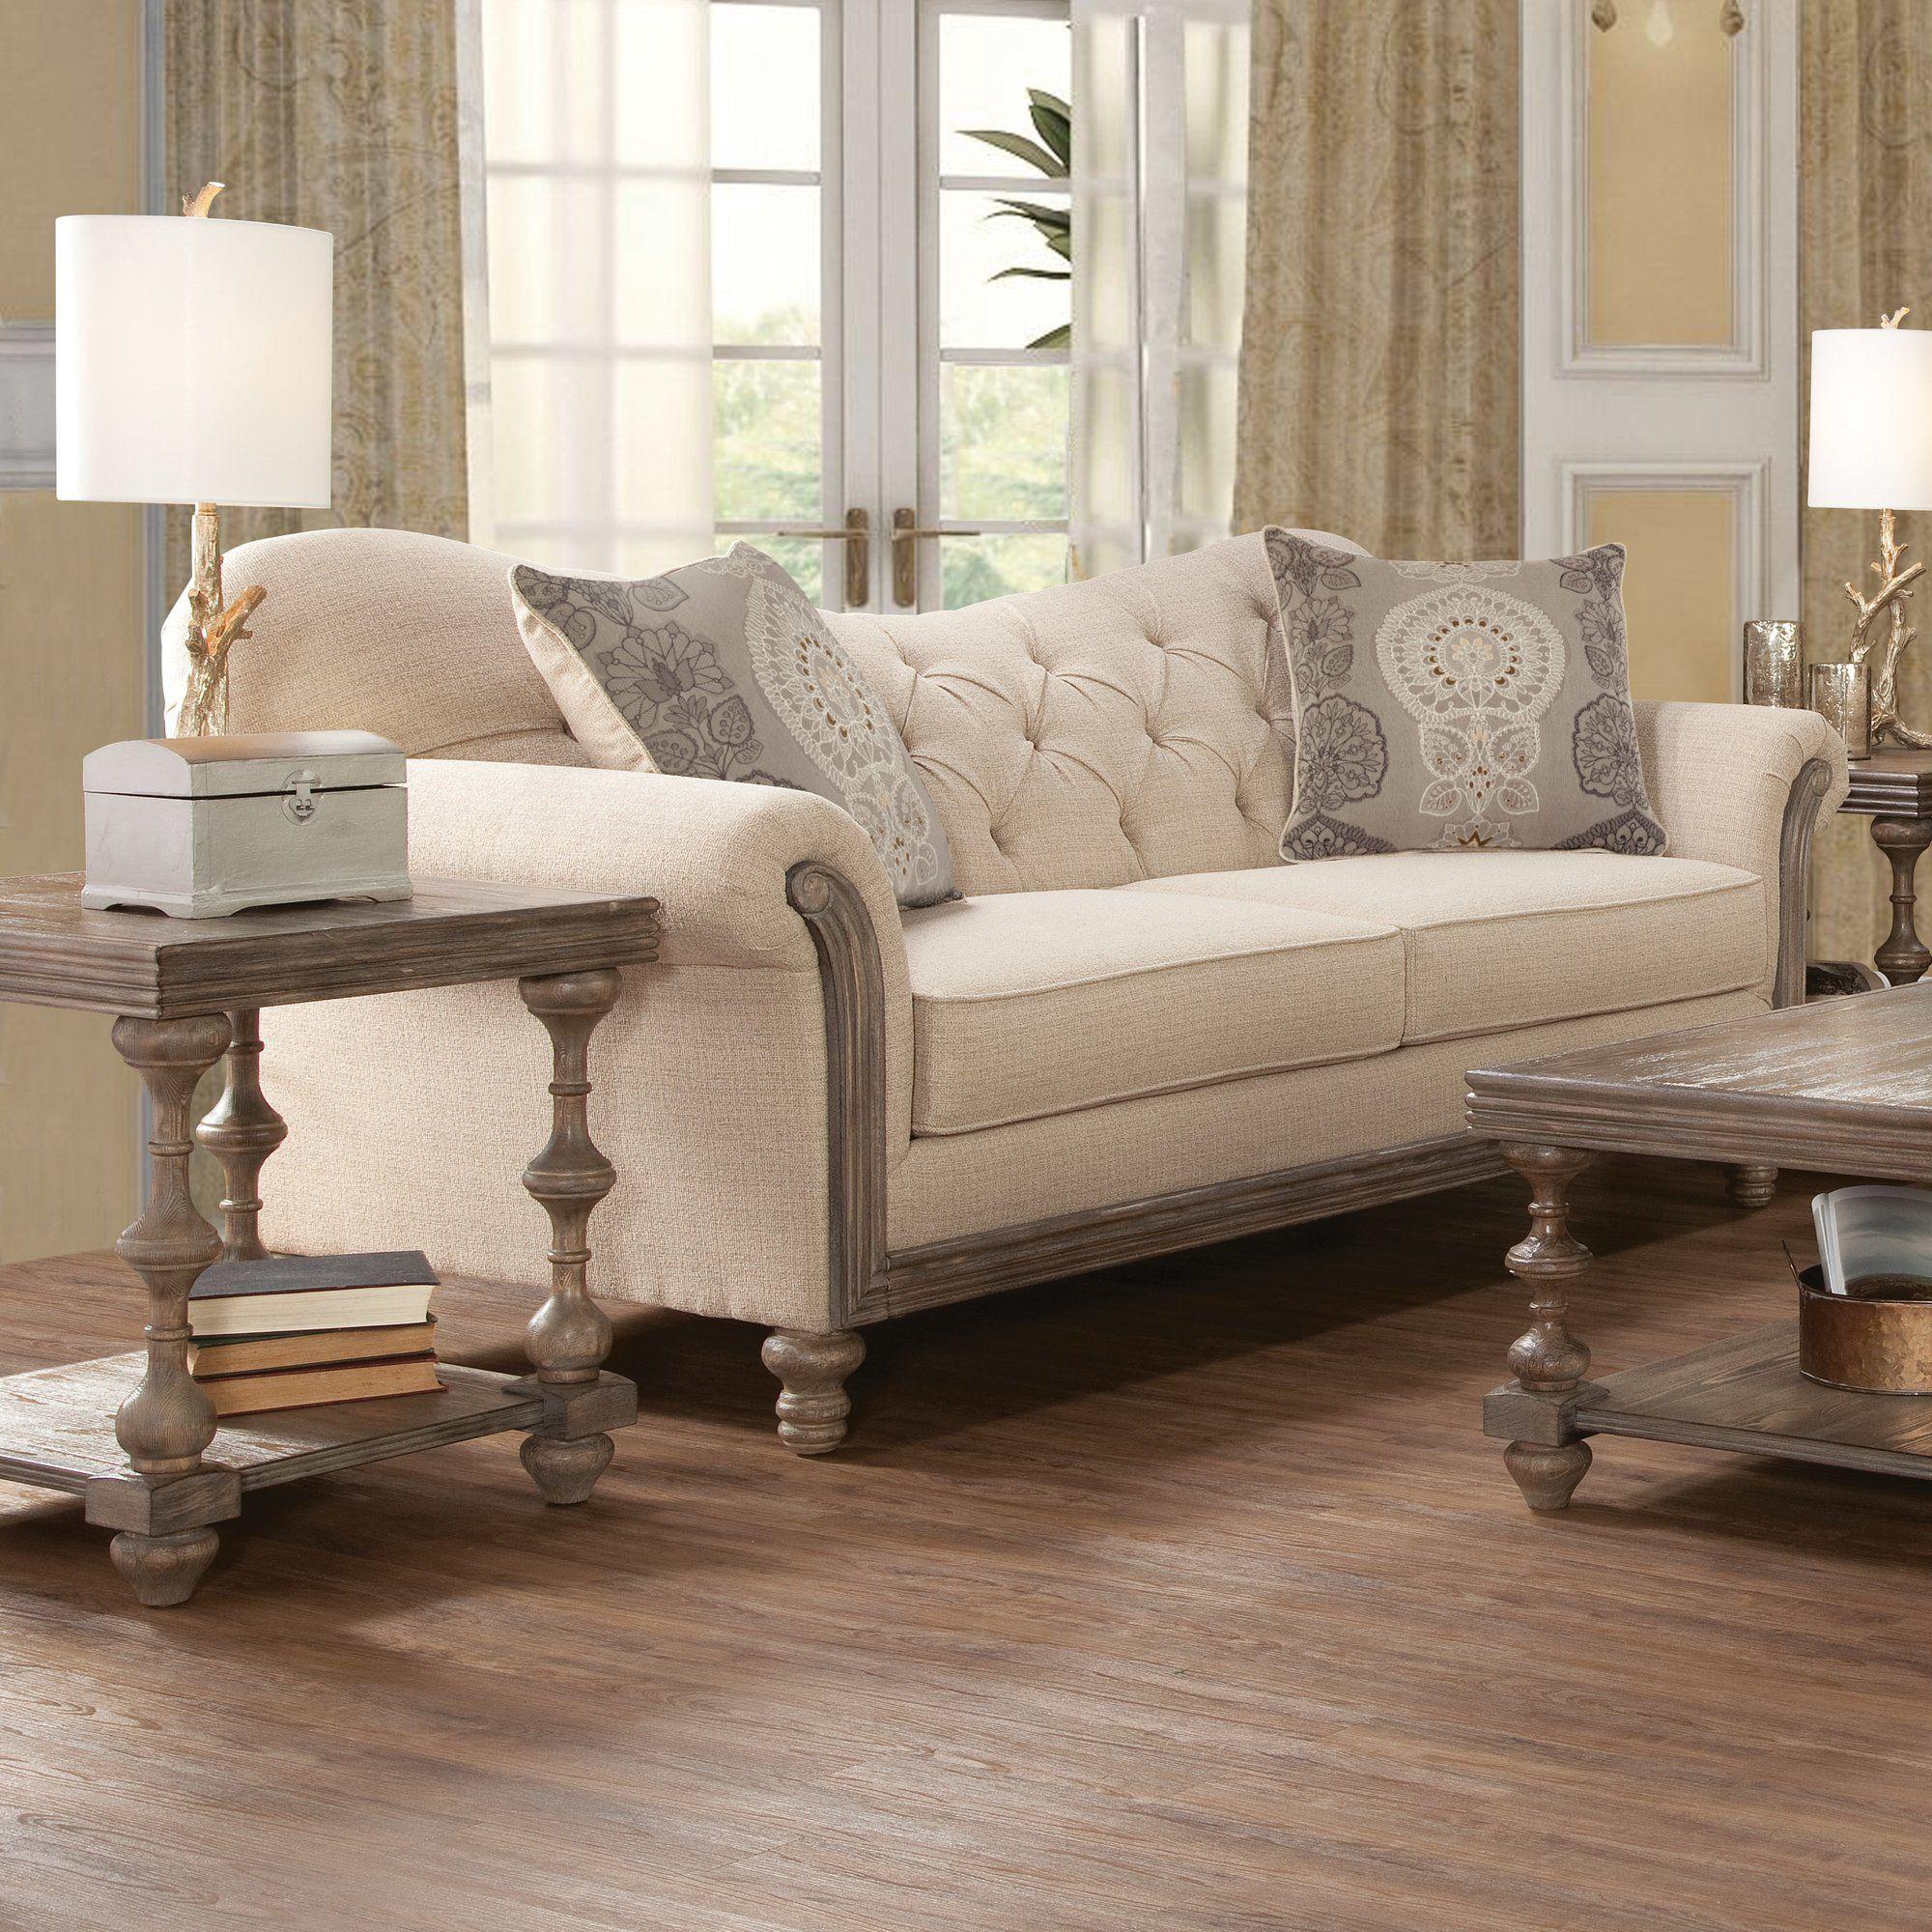 serta upholstery sofa serta upholstery sofa 2017 sofa design